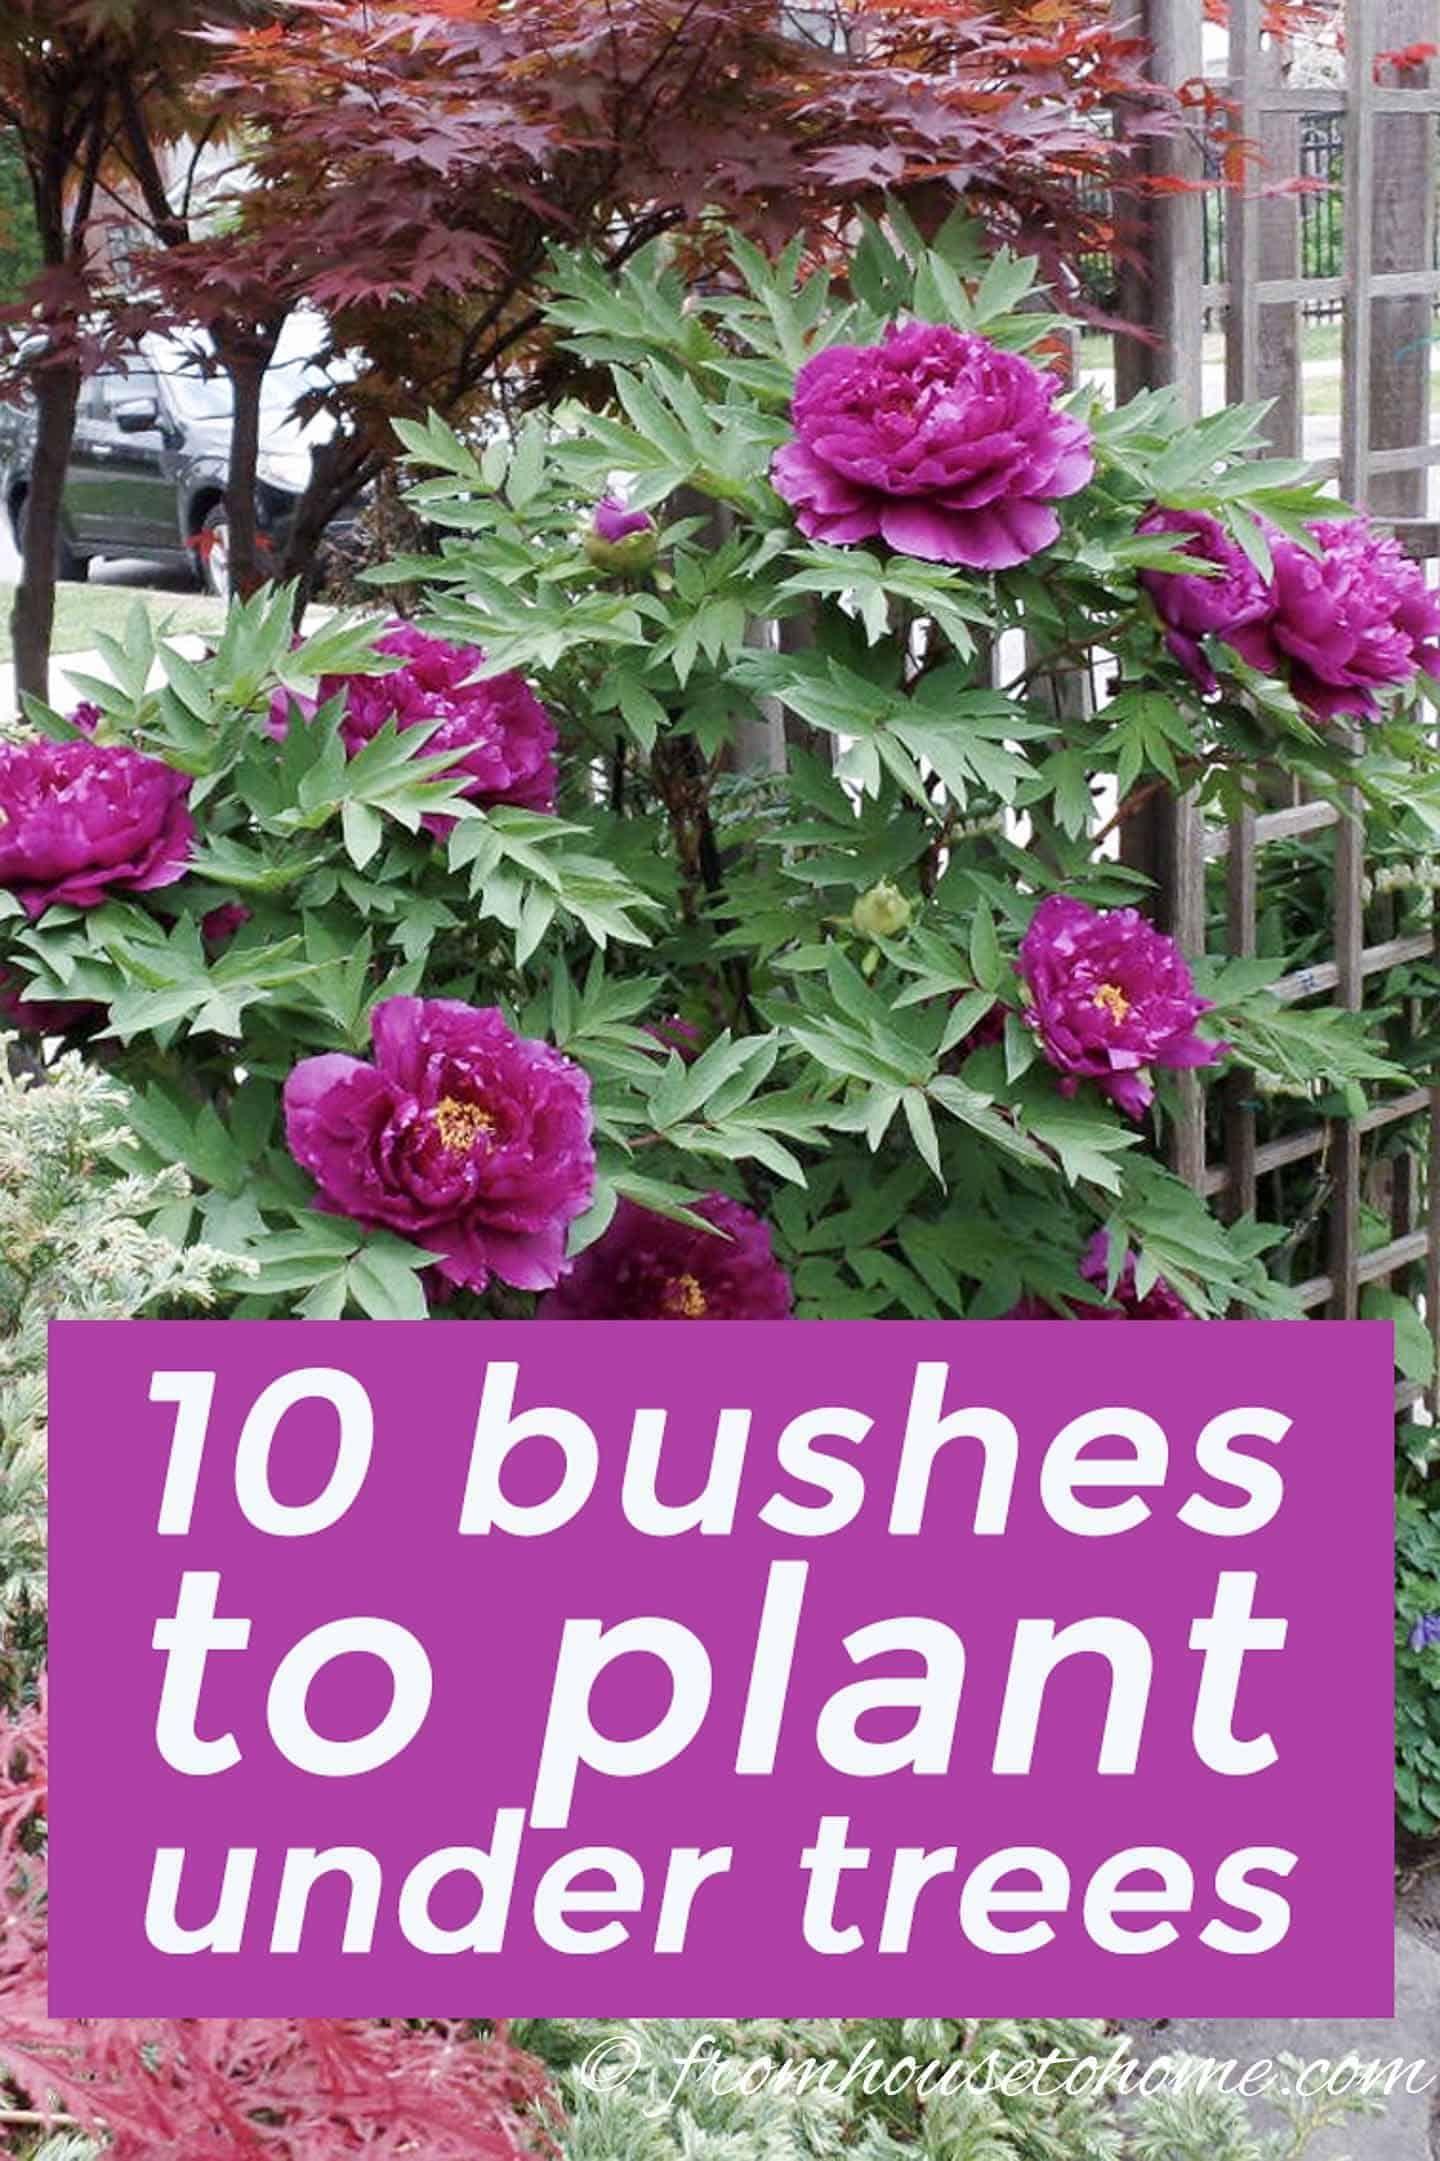 14 Alluring Garden Landscaping Ashby De La Zouch Ideas In 2020 Shade Garden Plants Plants Under Trees Shade Loving Shrubs